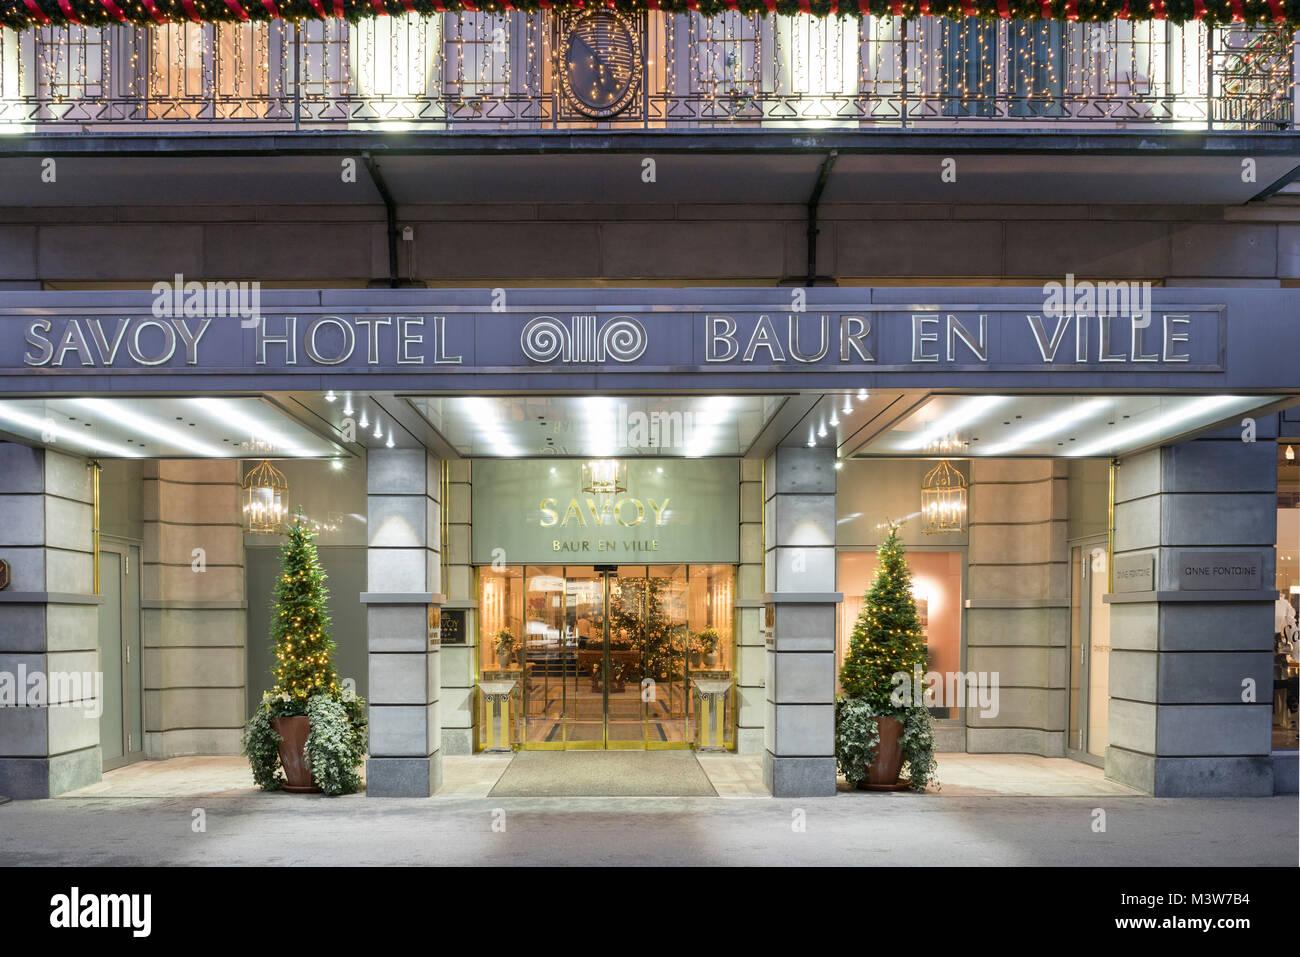 Savoy Hotel, BAUR en ville, Hotel Entrance, Zurich, Switzerland - Stock Image